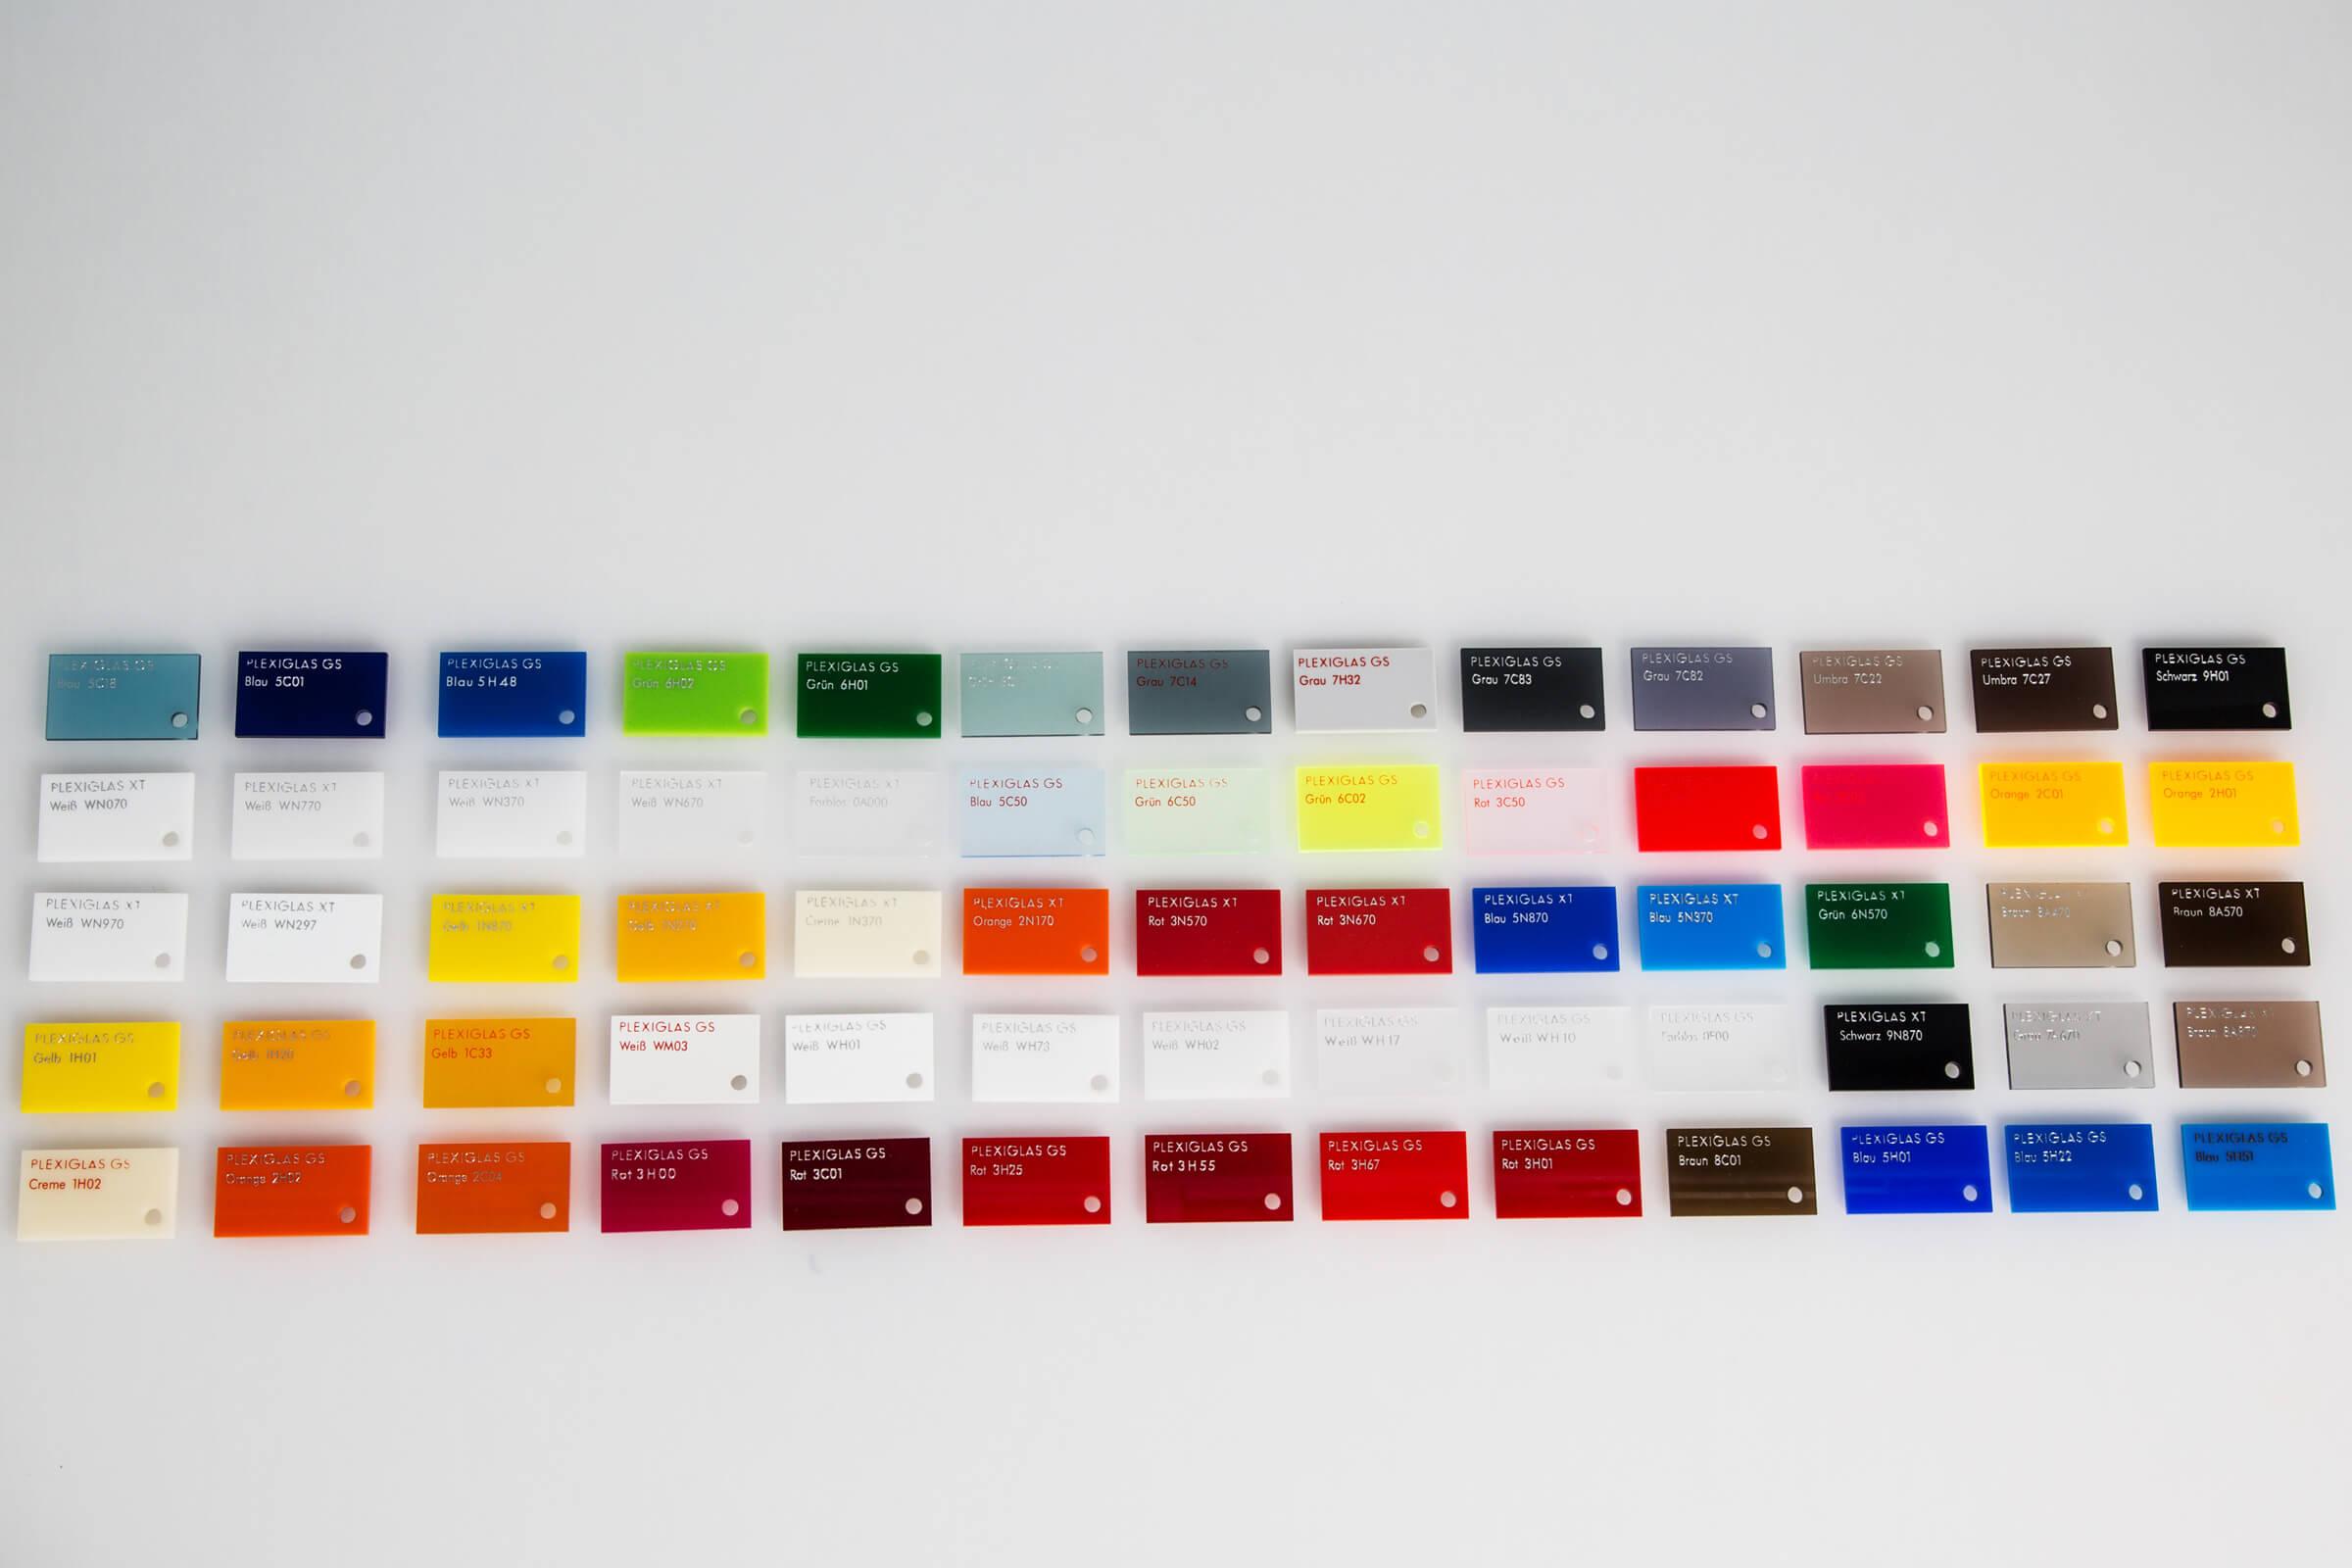 Obi Acrylglas Zuschnitt plexiglas acrylglas shop zuschnitt und bedruckung online acrylglas